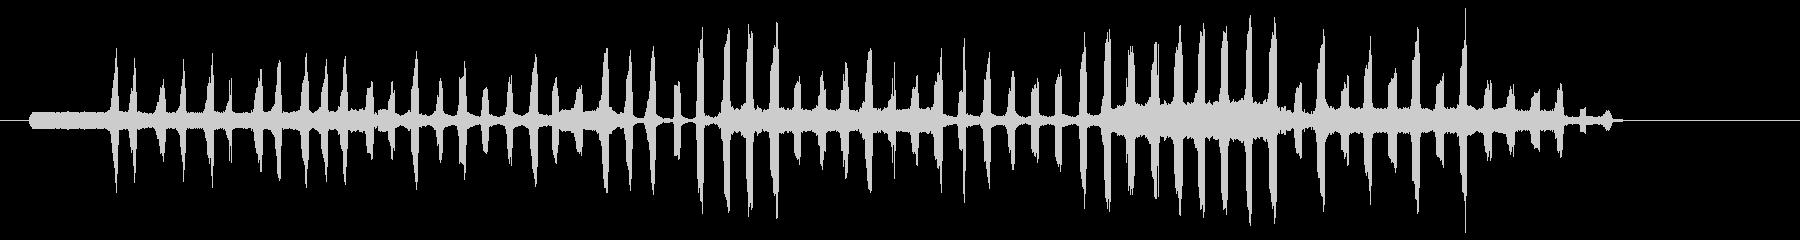 全体的に逆トーンのゆっくりと振動す...の未再生の波形